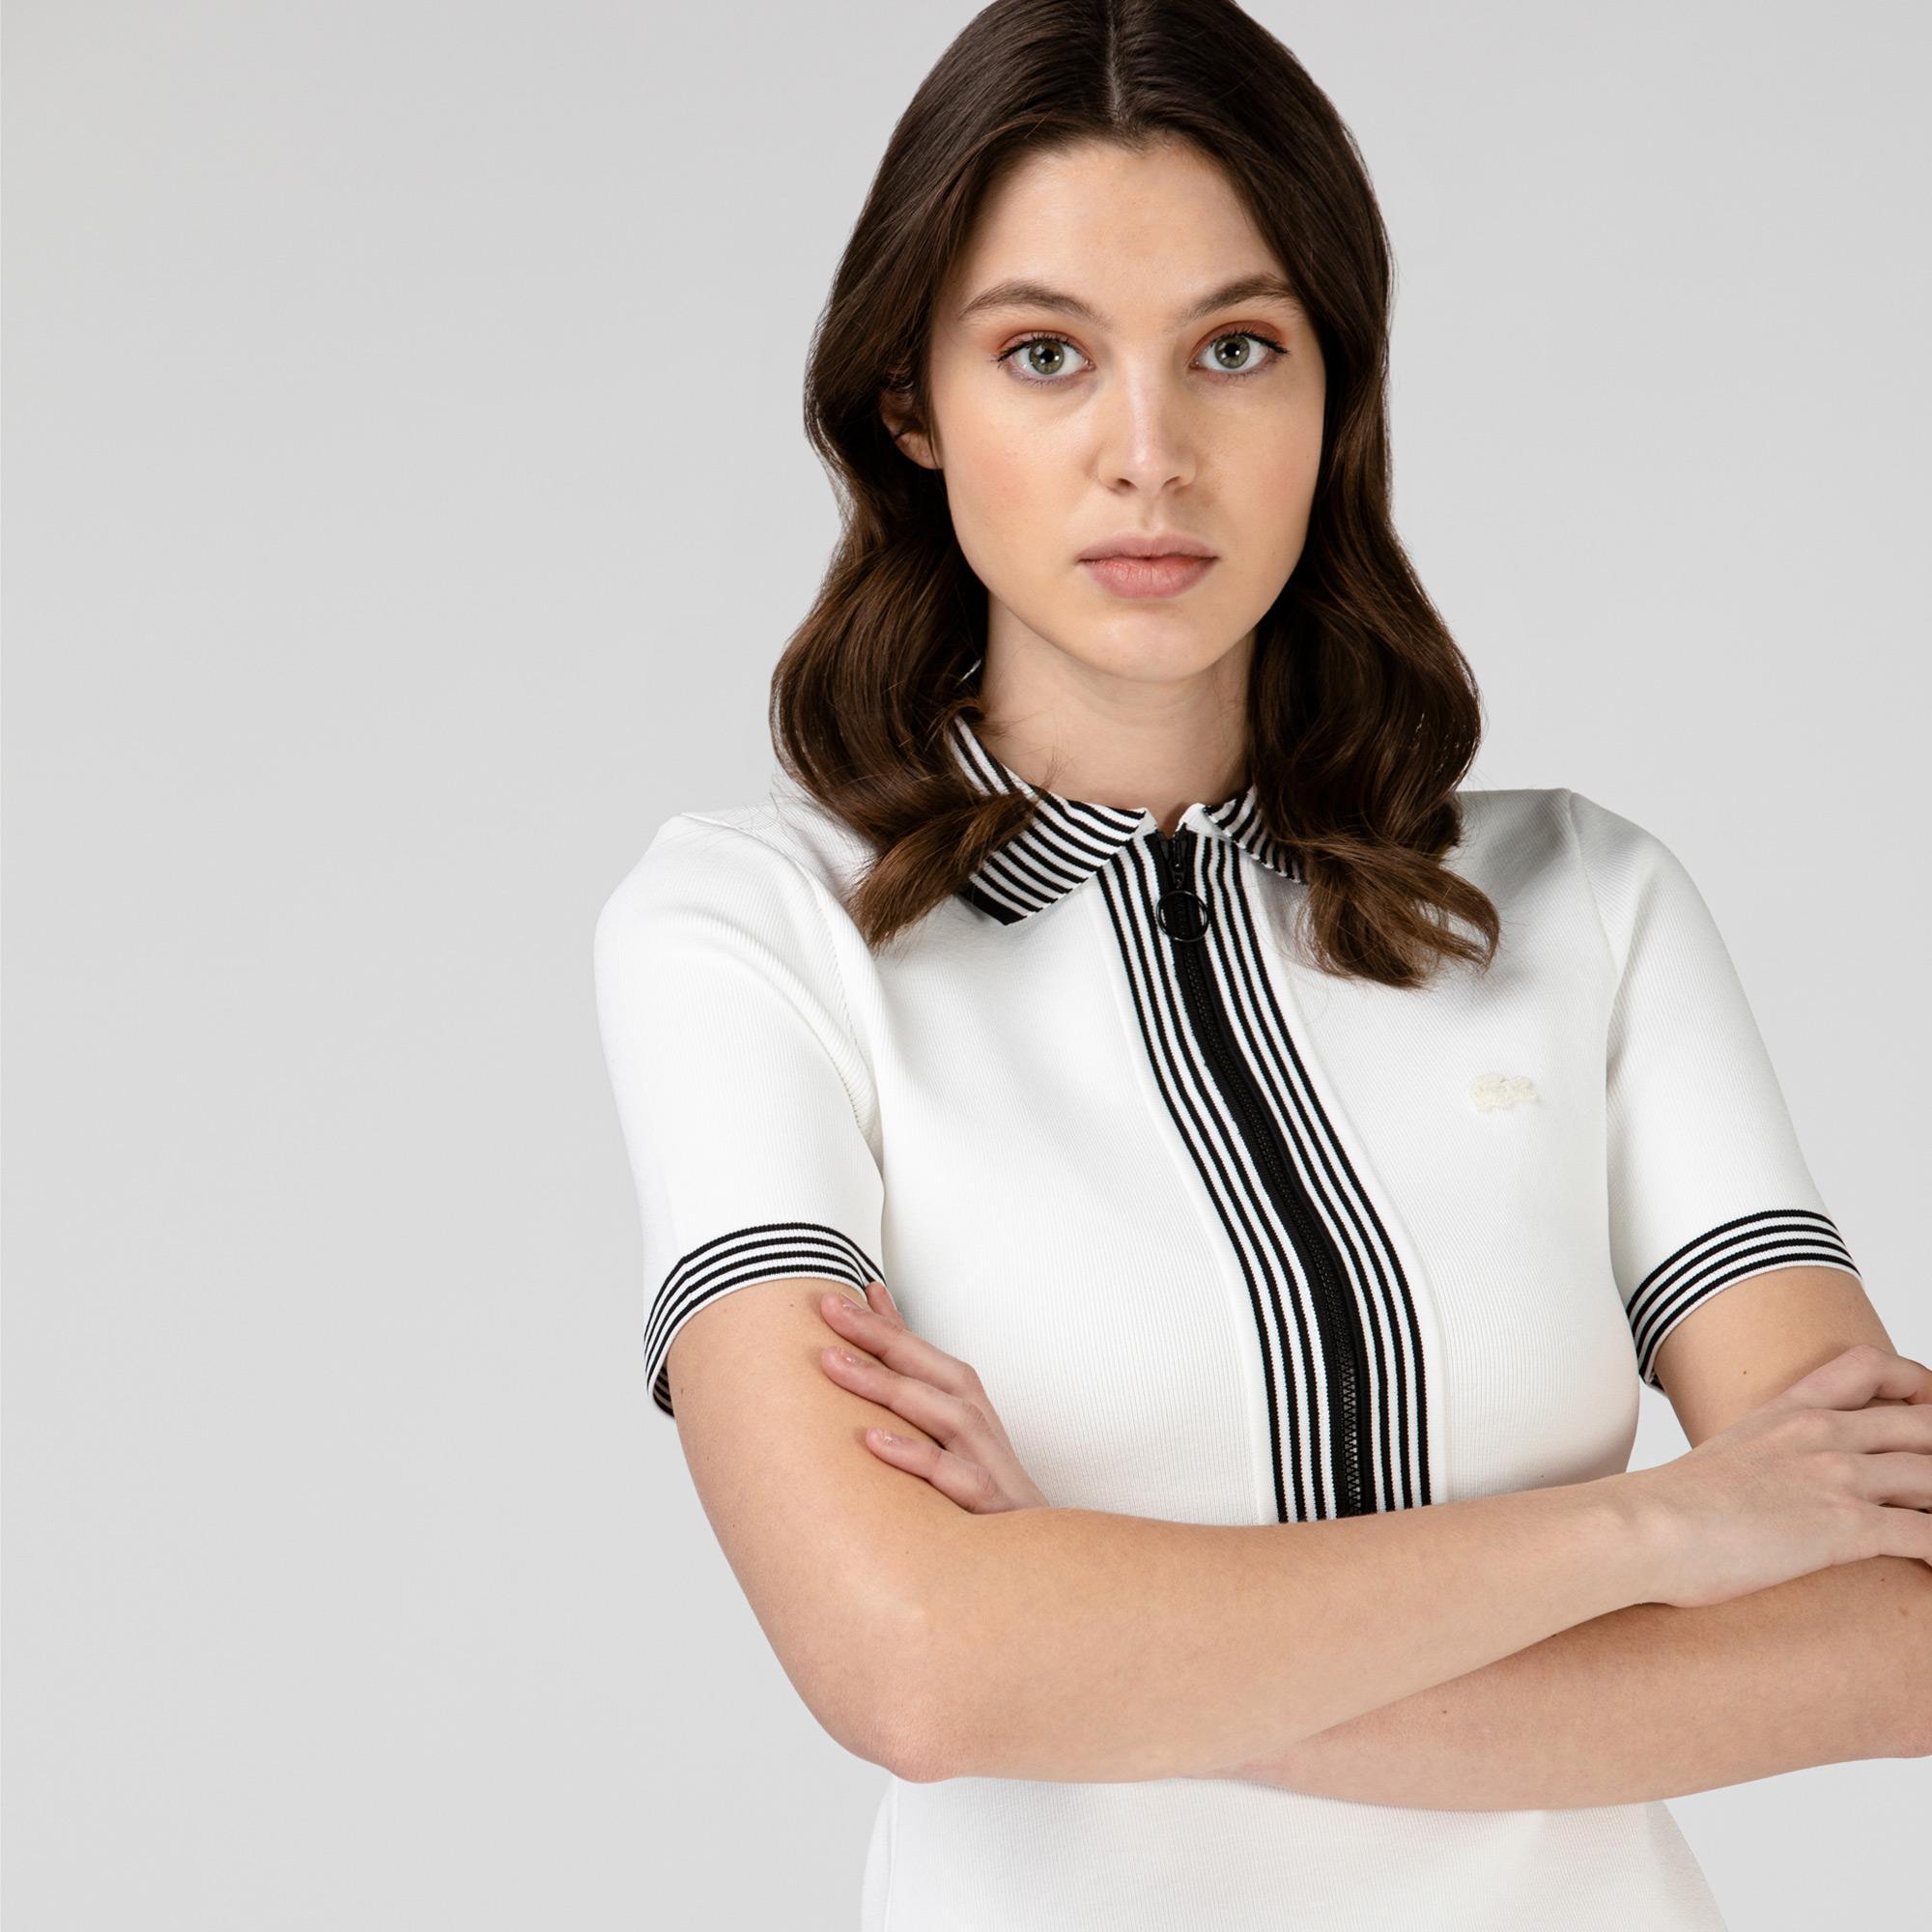 Lacoste Kadın Kısa Kollu Fermuarlı Beyaz Elbise